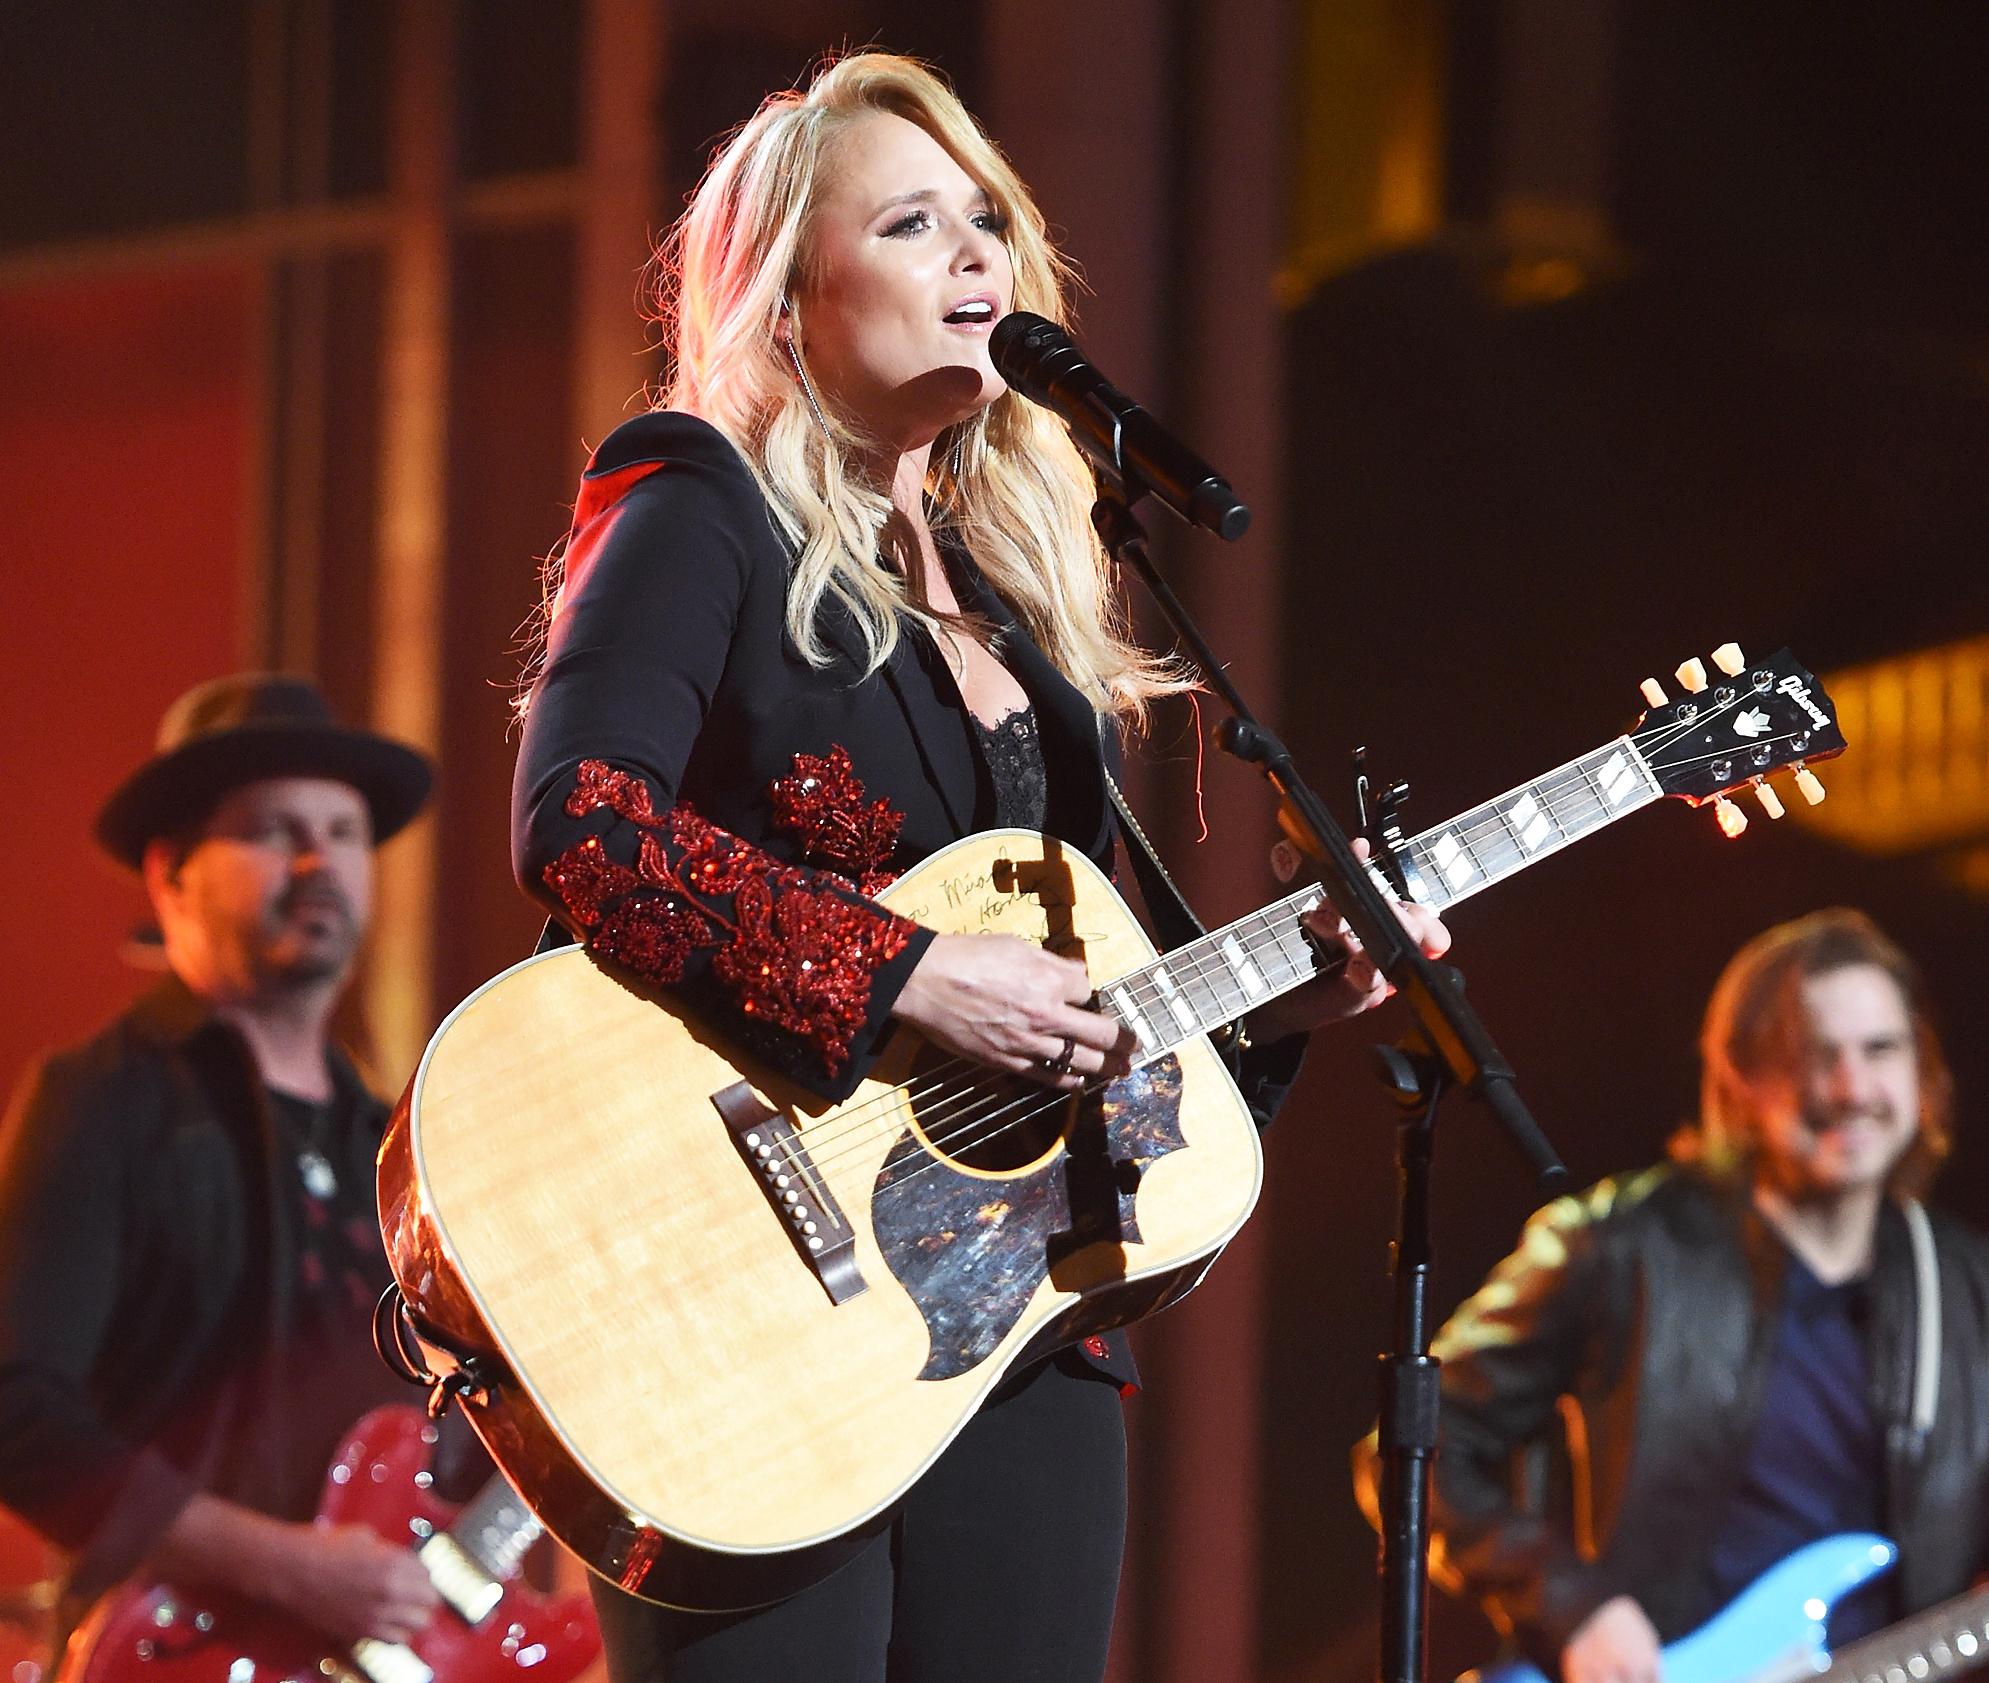 Miranda Lambert Broken Heart ACM Awards